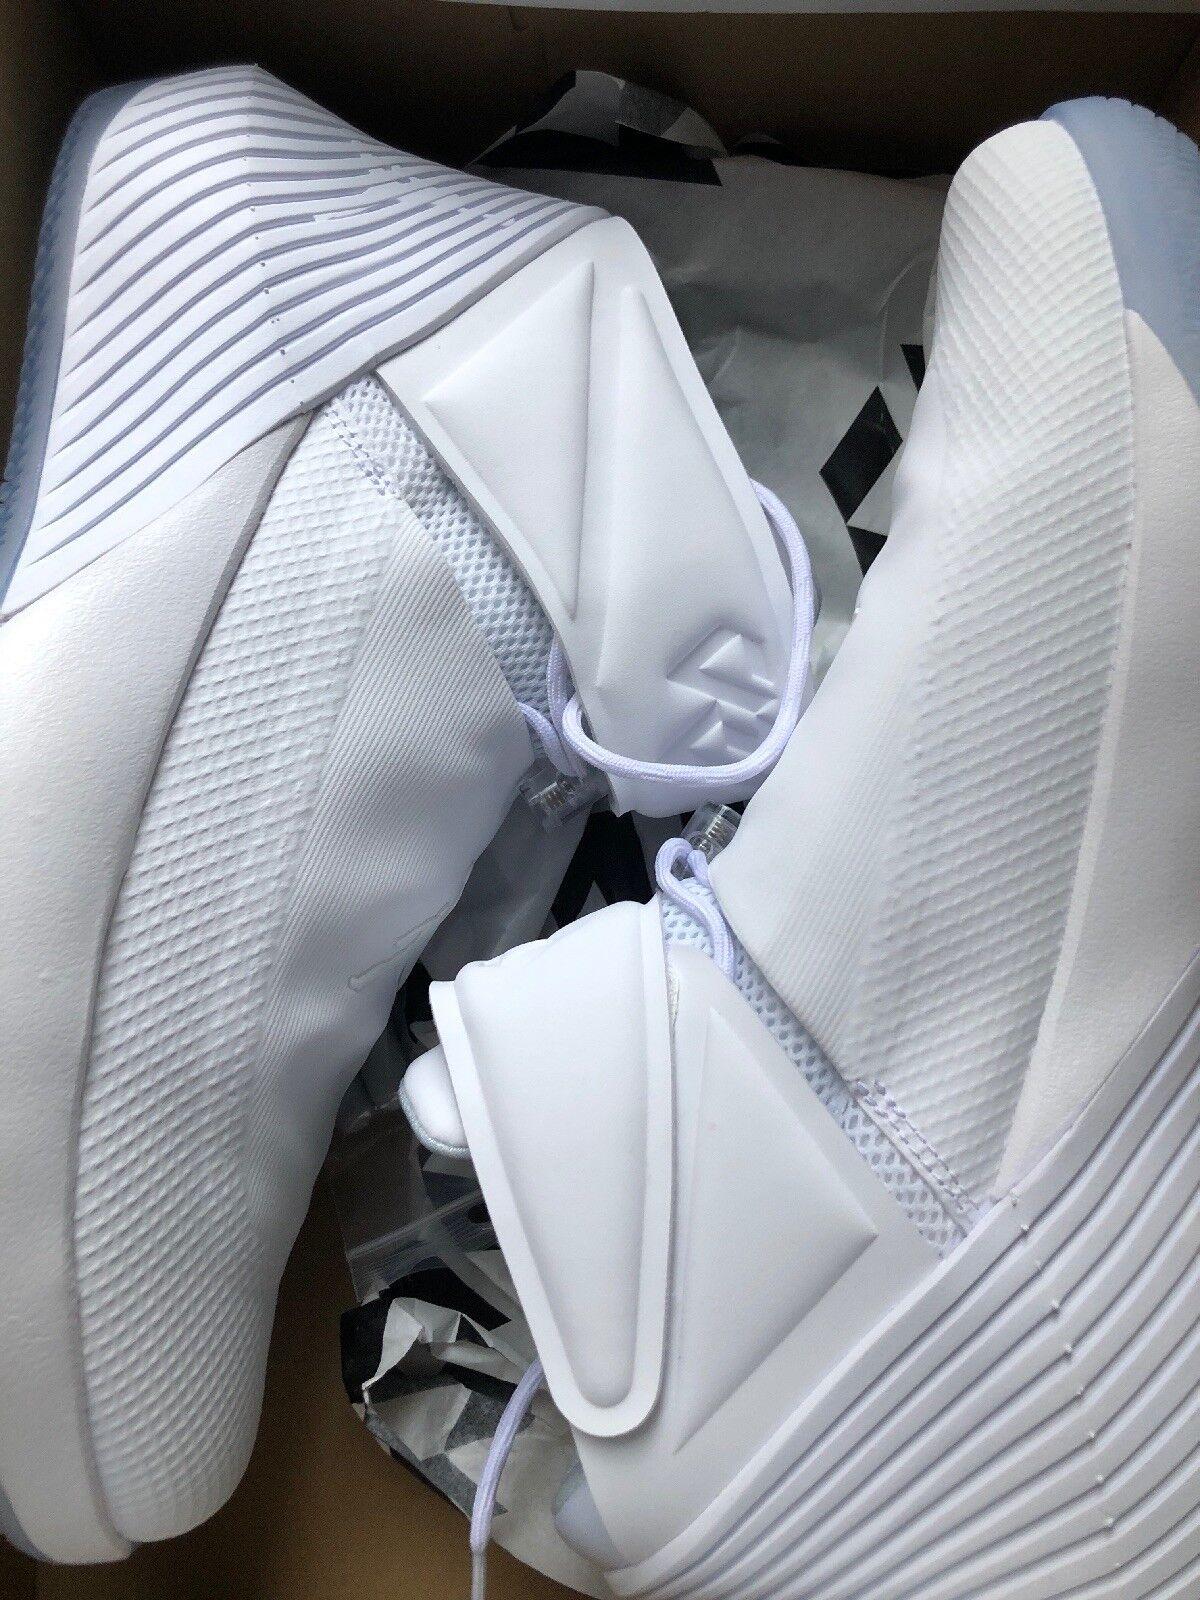 Nike air jordan, warum nicht gleich null. null. null. 1 weiße eis edding mens größe 10,5 (aa2510-100) bffd8f